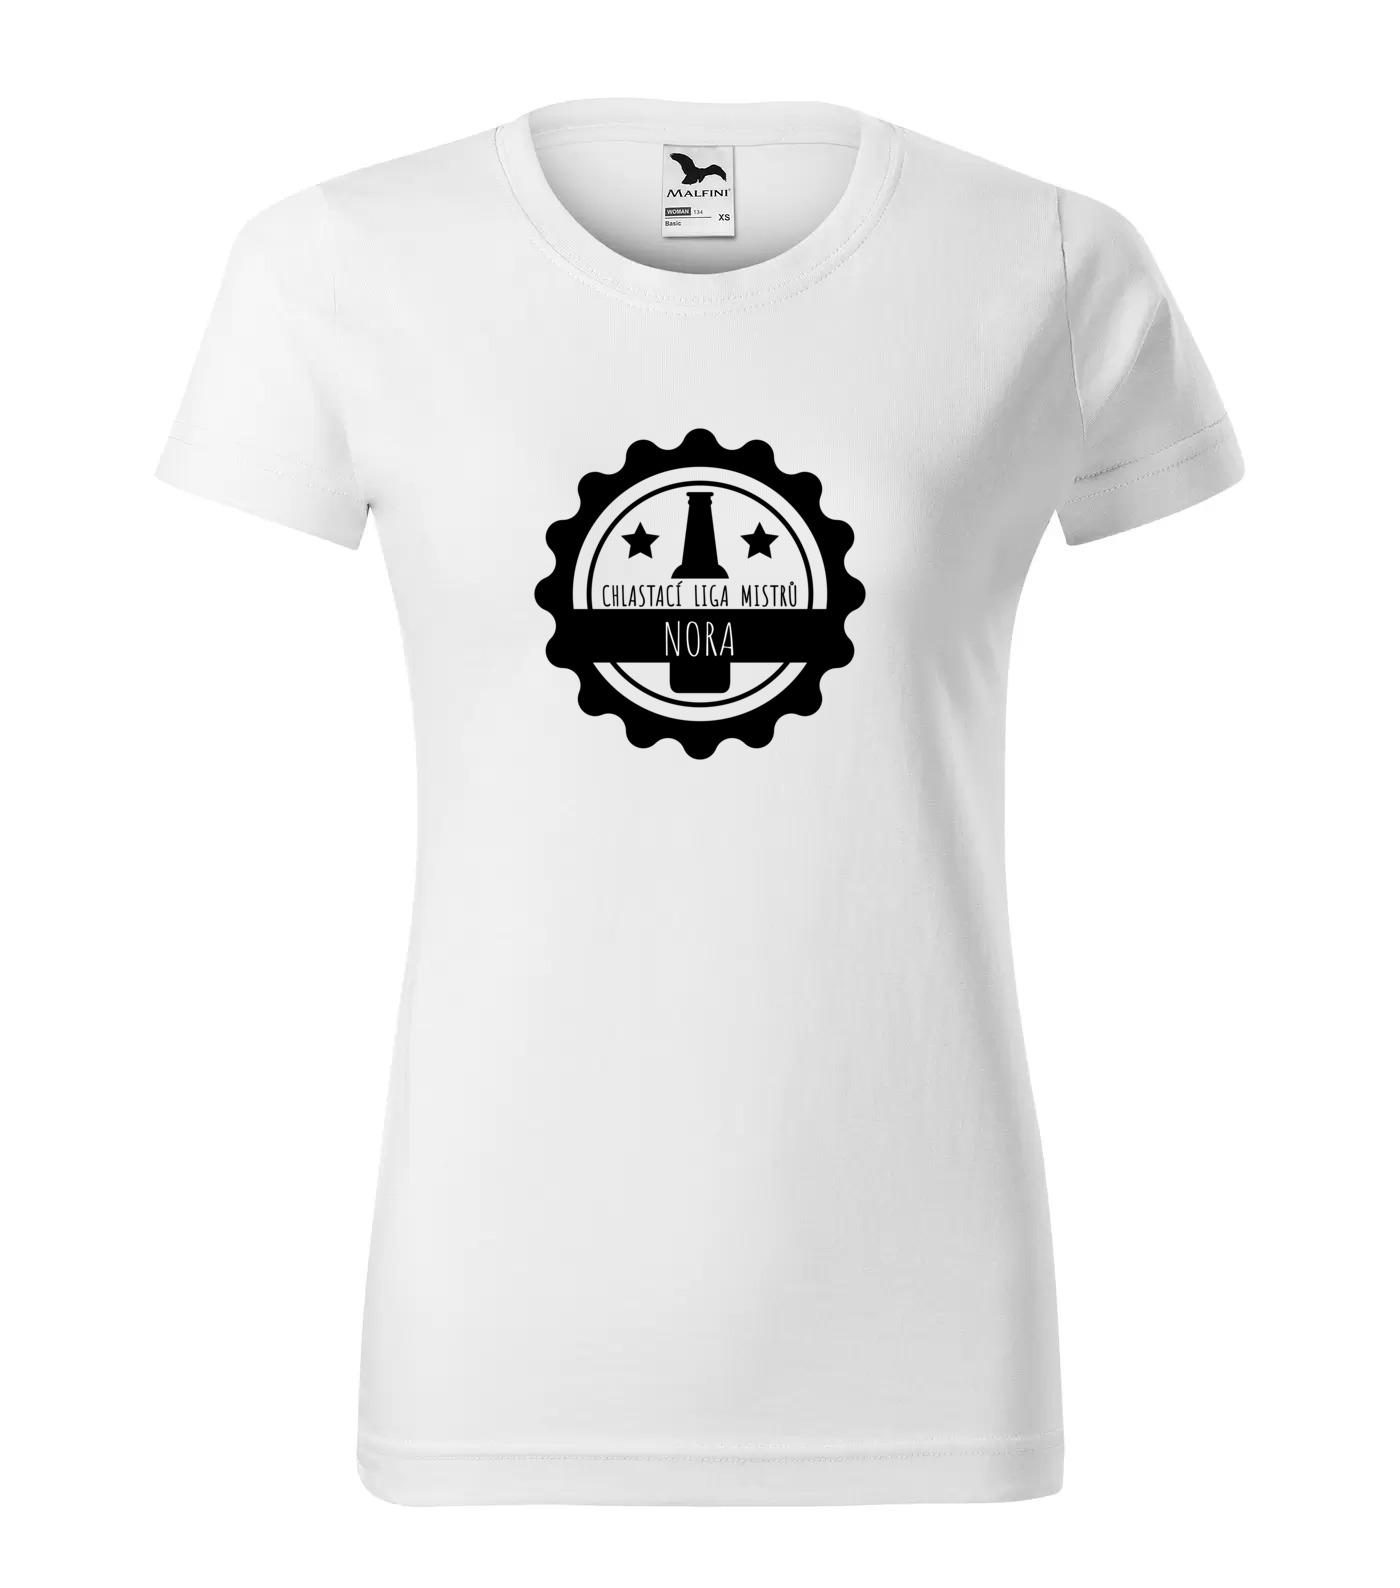 Tričko Chlastací liga žen Nora